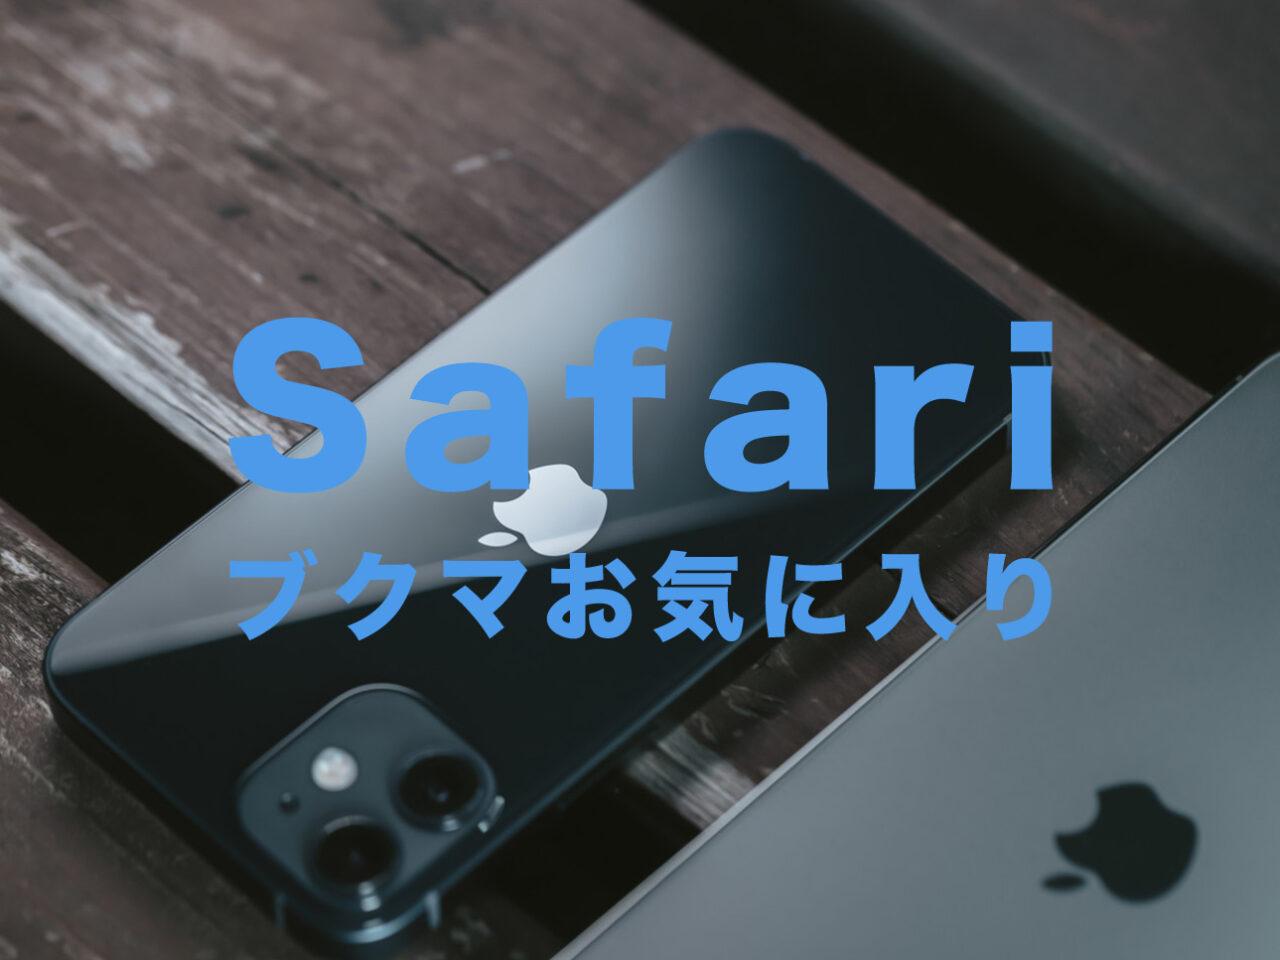 iPhoneのSafariのブックマークとお気に入りの違いは?のサムネイル画像